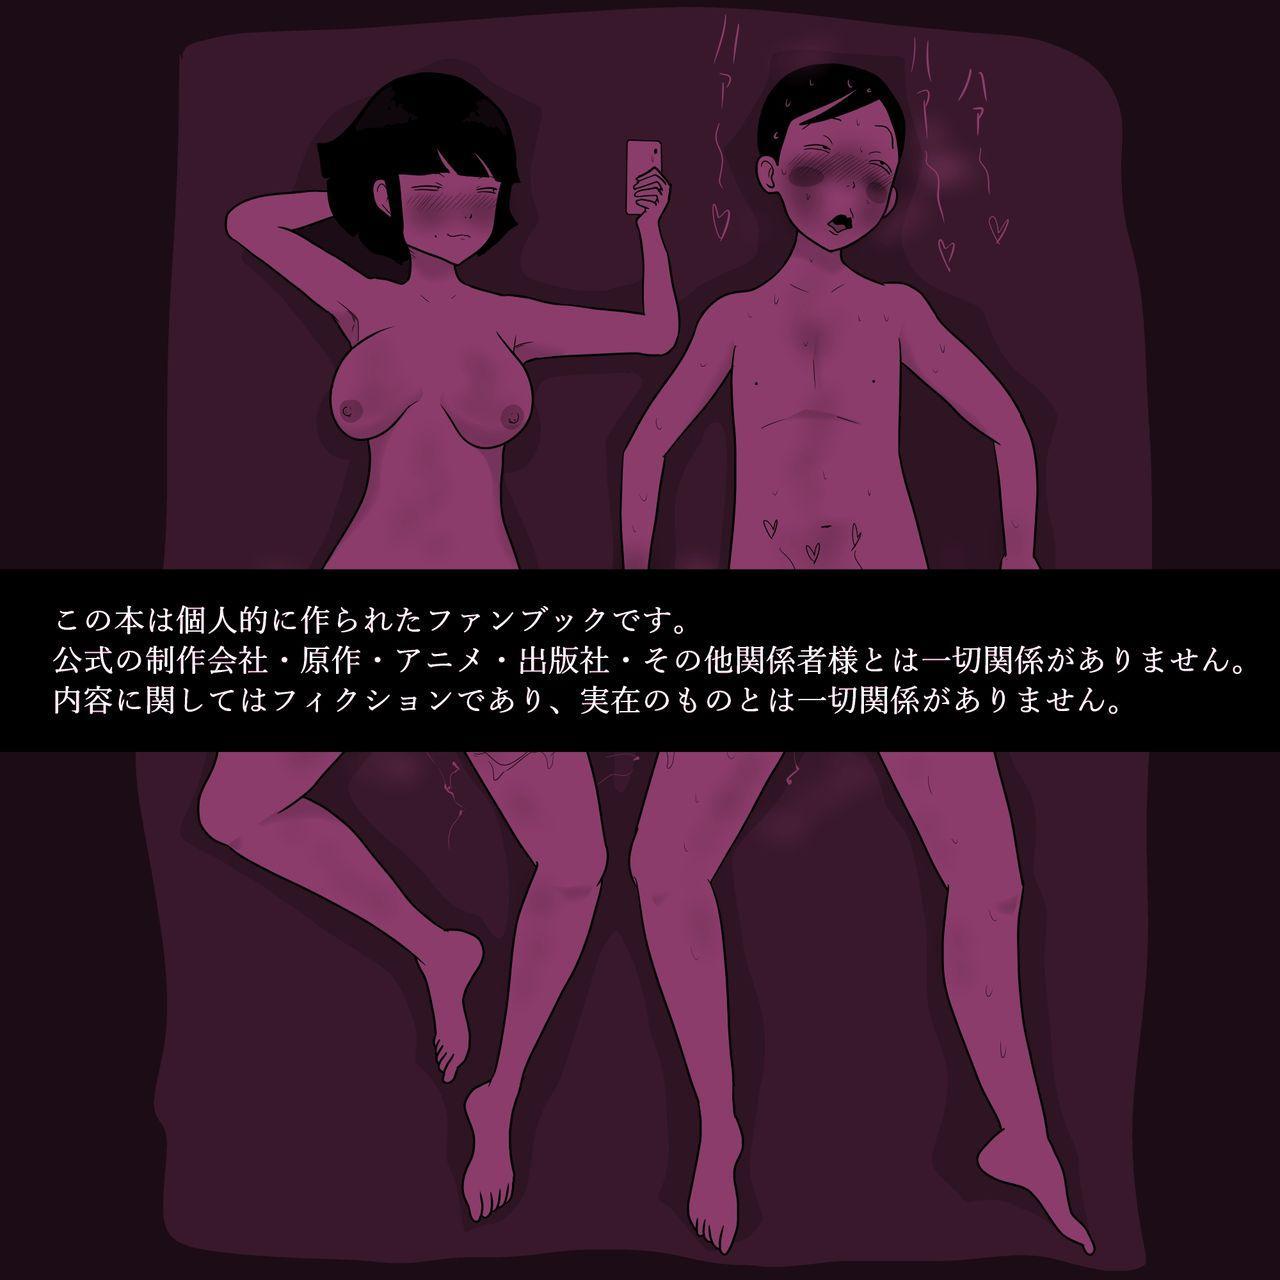 Gakkou no InChara Joshi 5 41